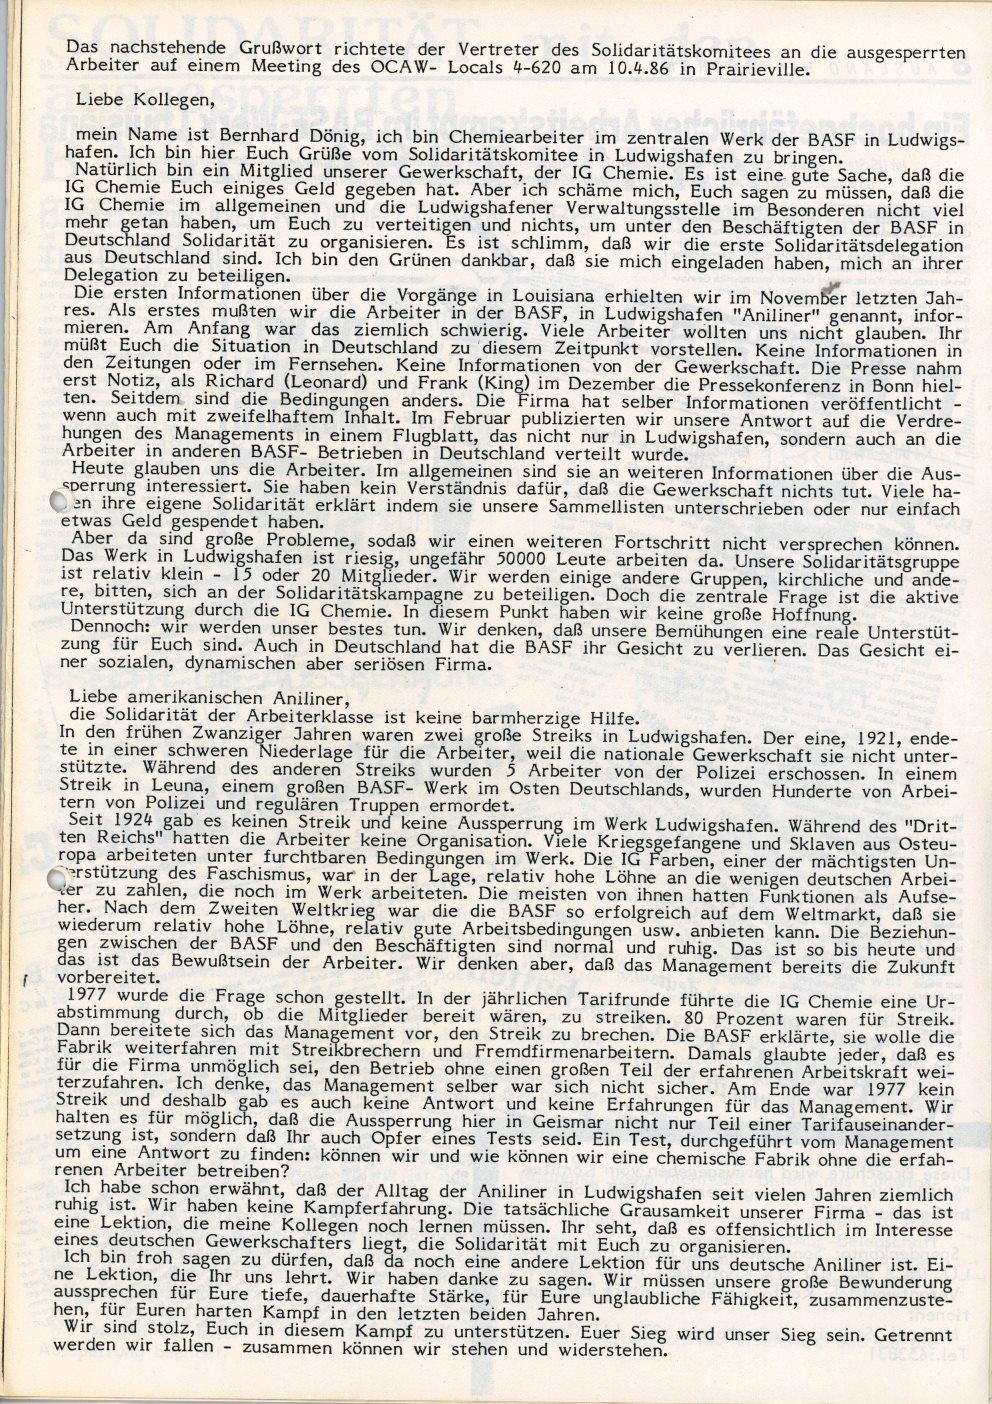 USA_BASF_Aussperrung_in_Geismar_1986_2_15